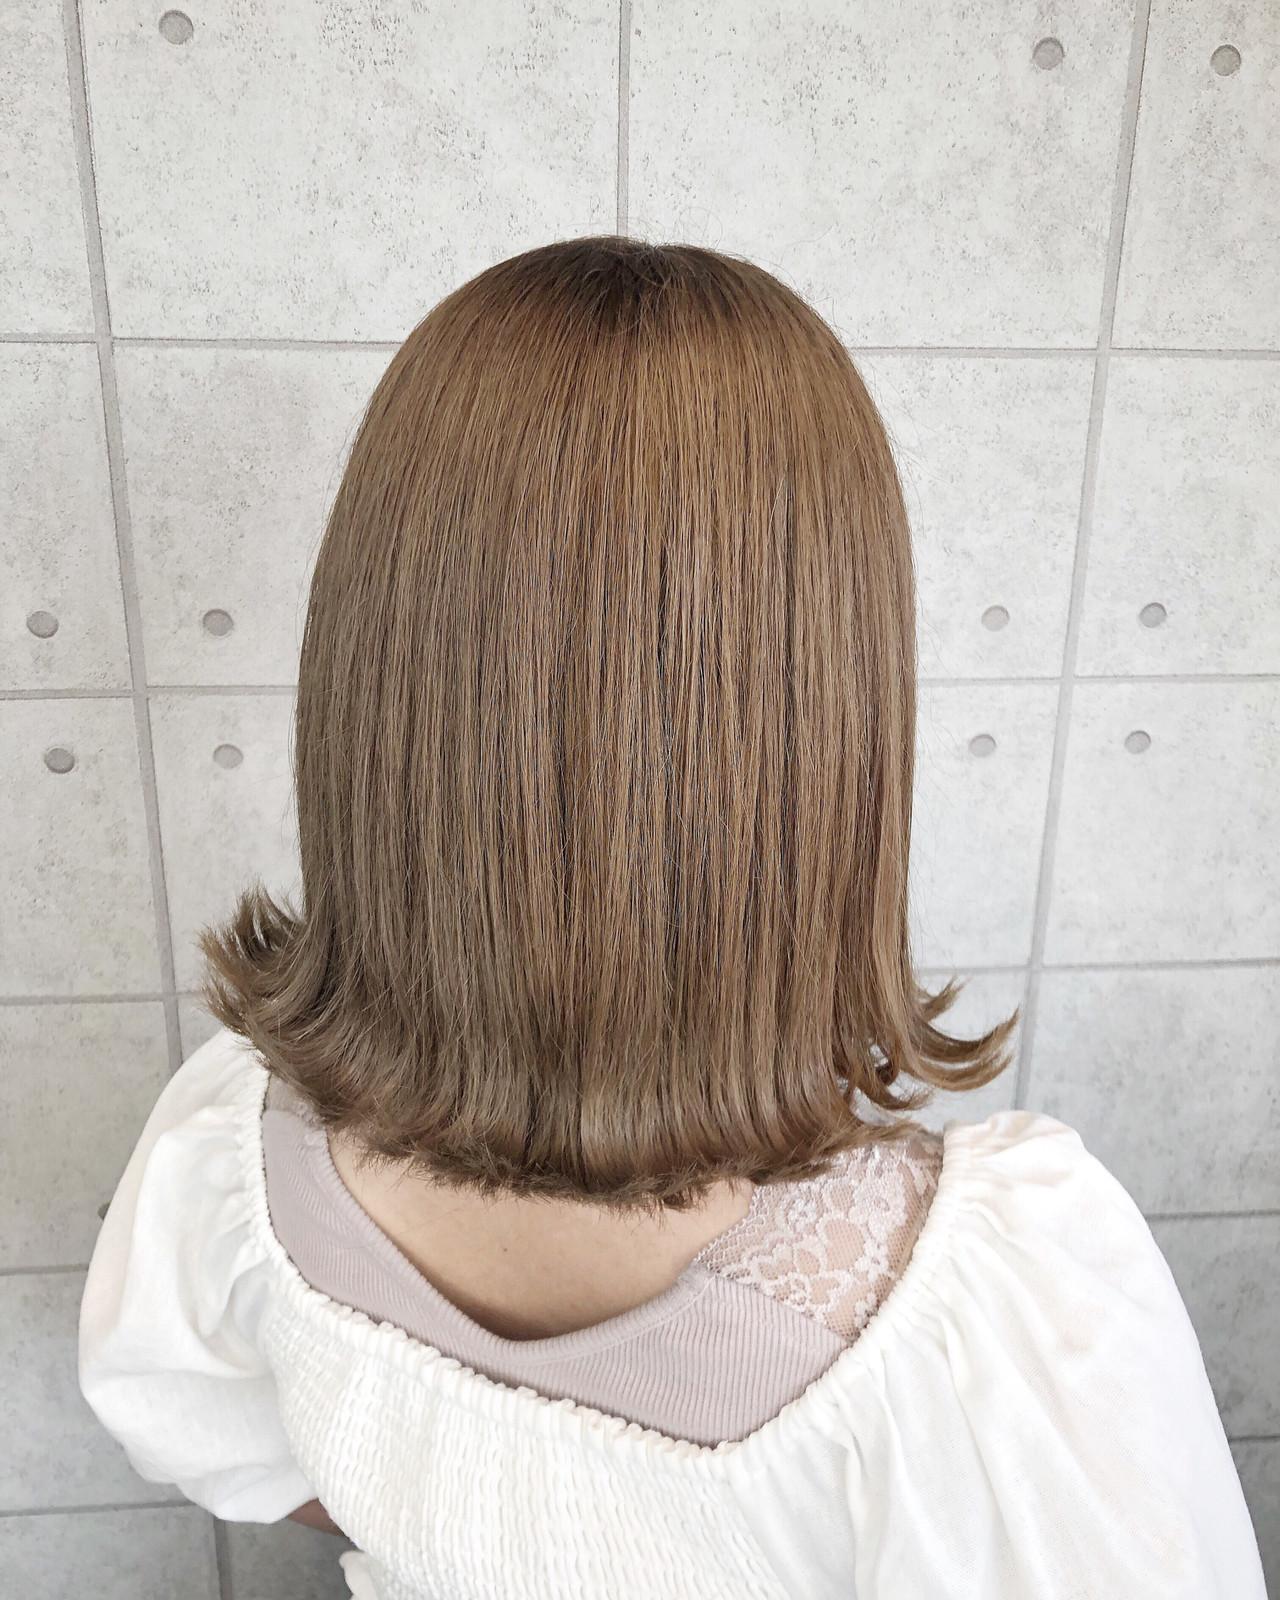 ミルクティーアッシュ ミルクティーベージュ ナチュラル ミルクティー ヘアスタイルや髪型の写真・画像